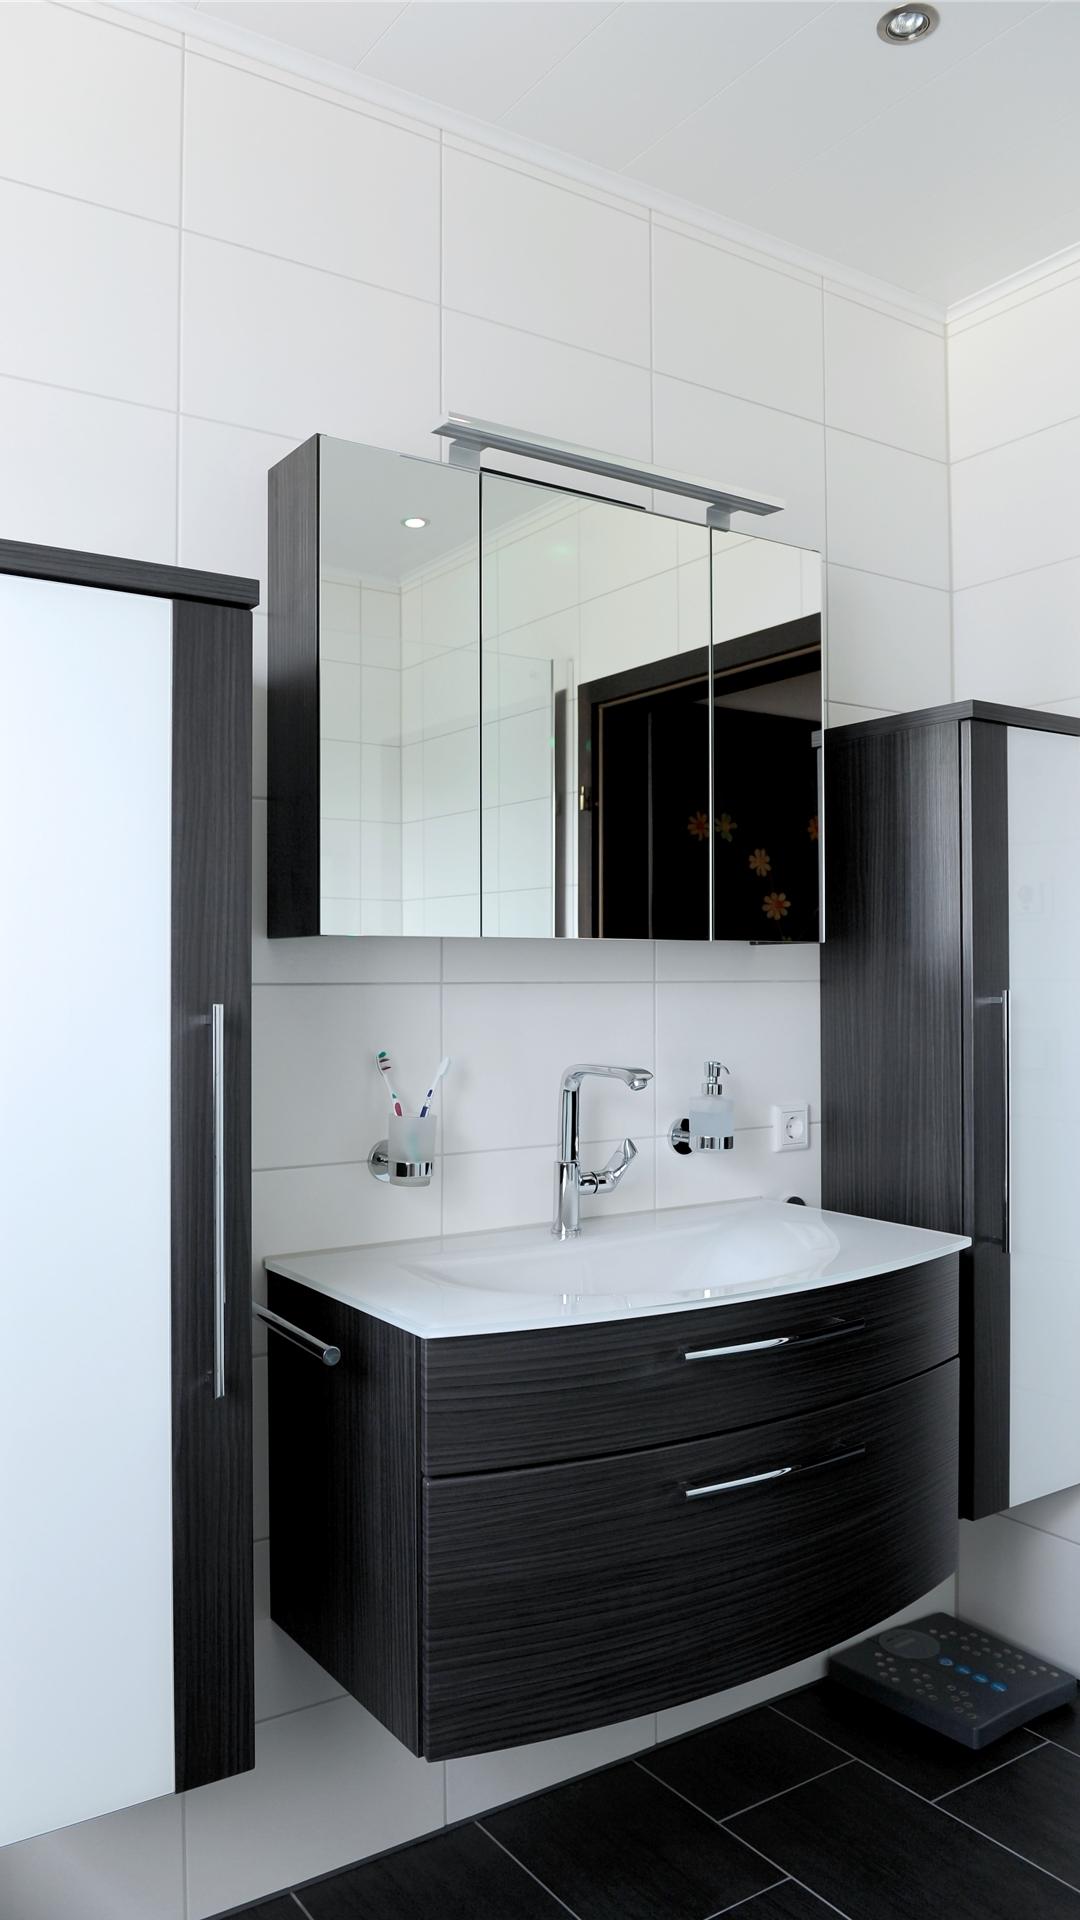 Waschtischanlage schwarzbraun mit Glaswaschtisch